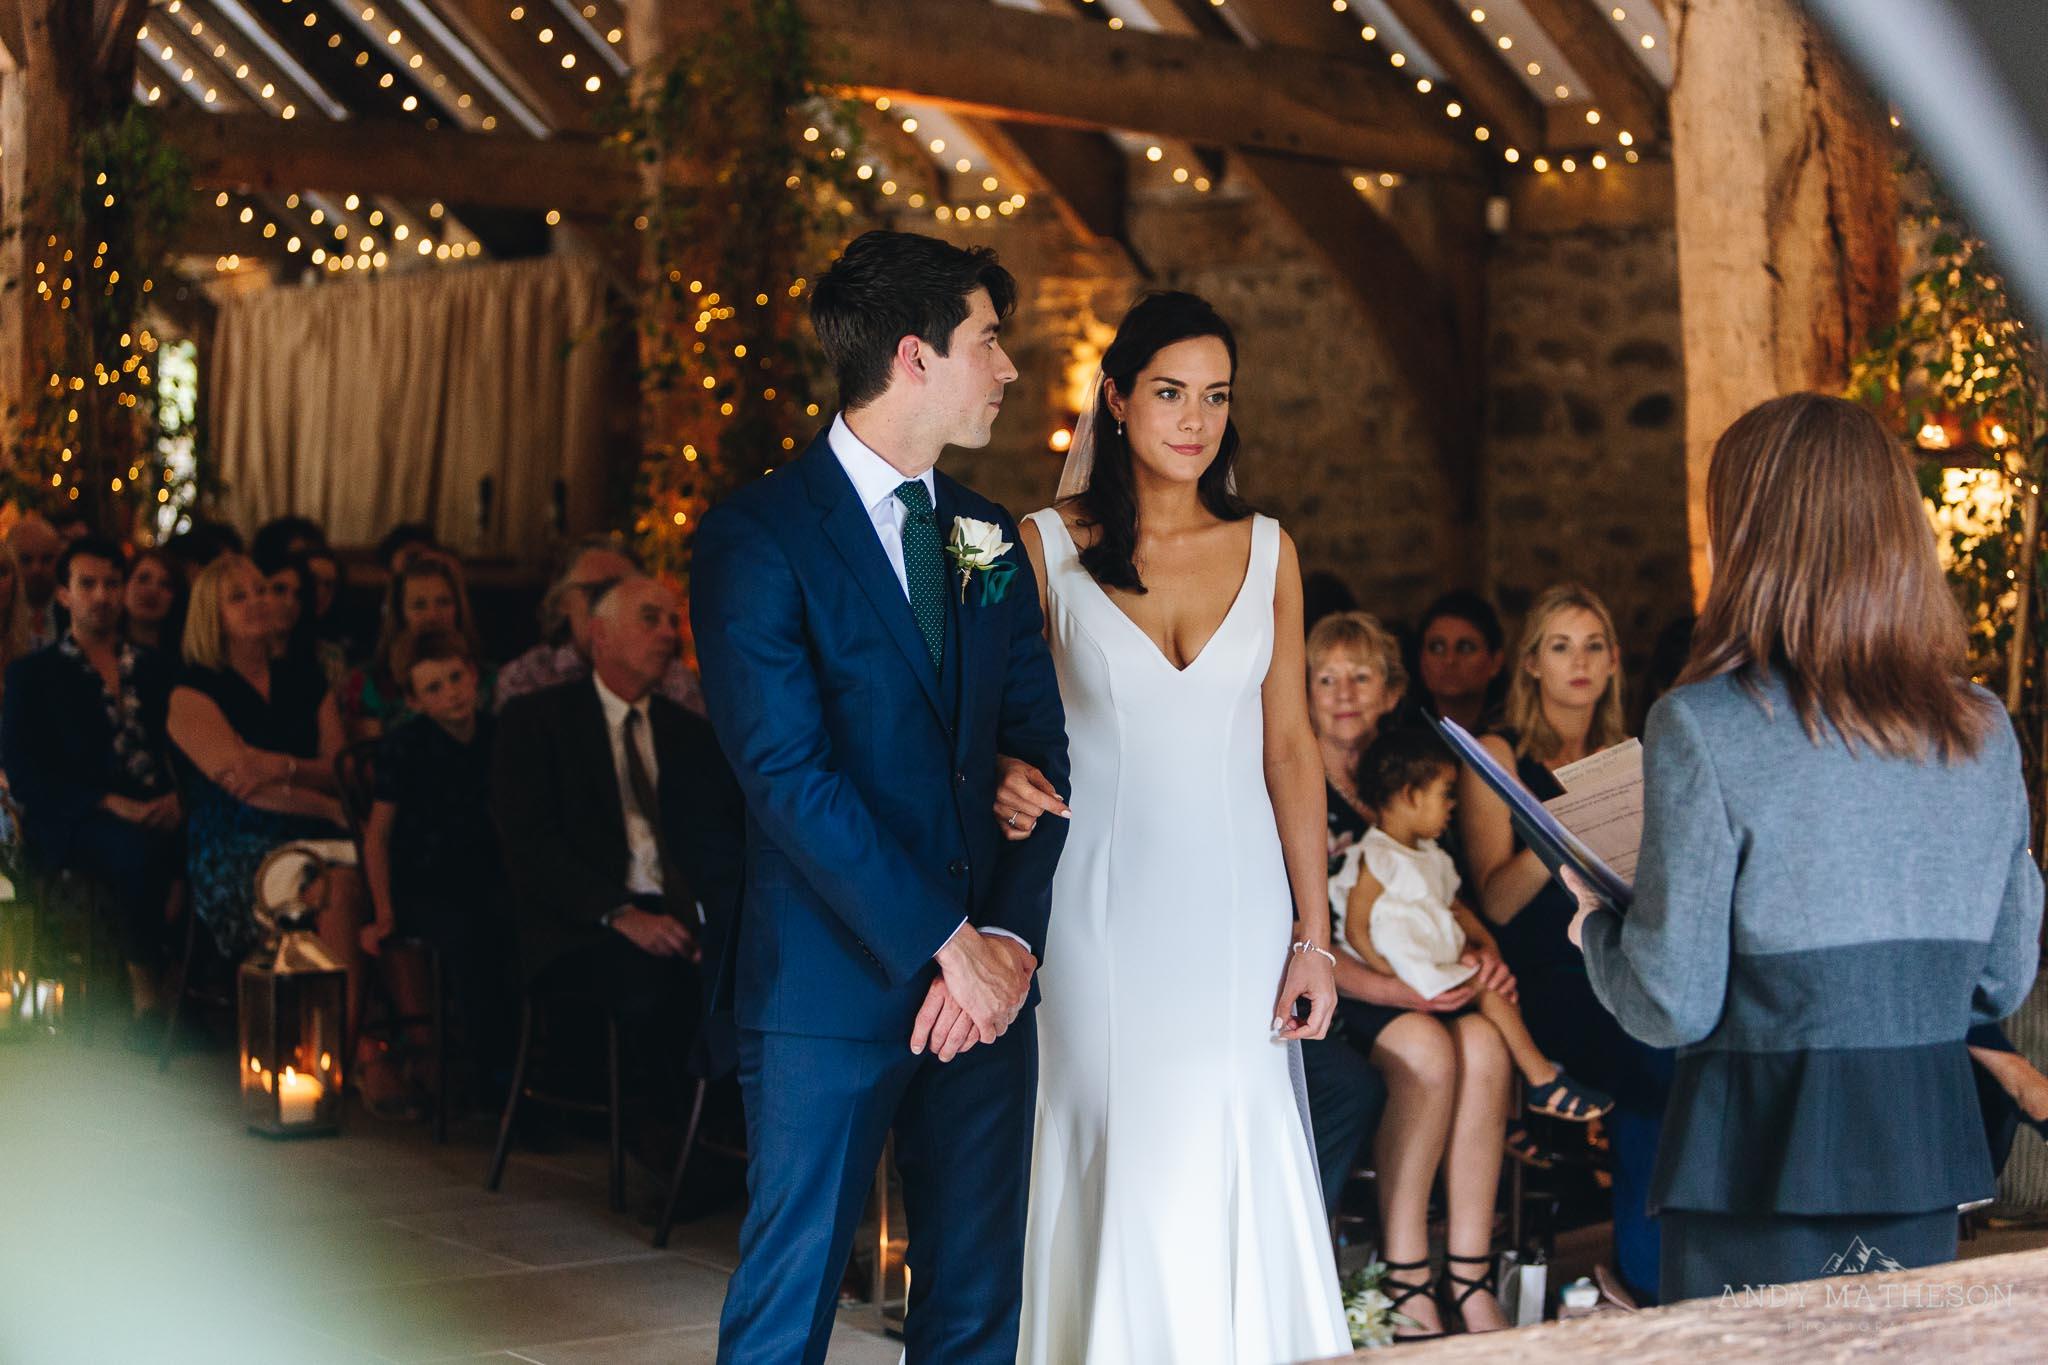 Tithe Barn Bolton Abbey Wedding Photographer_Andy Matheson_033.jpg